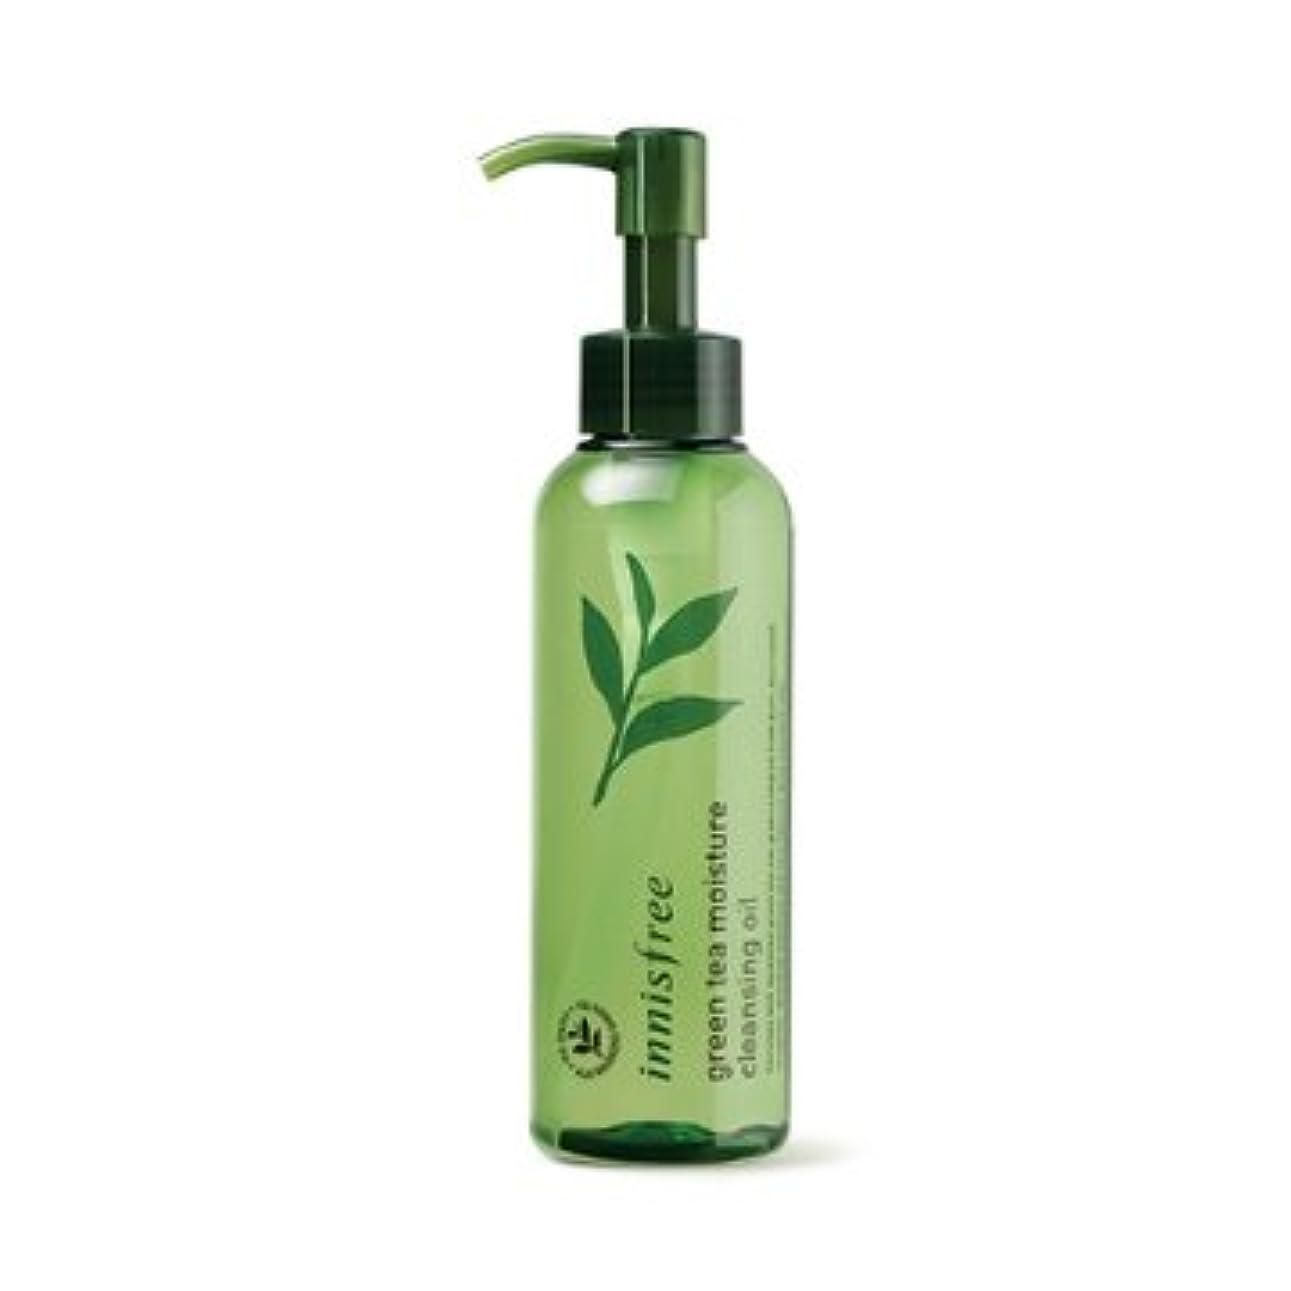 南アメリカアサート首尾一貫した【イニスフリー】Innisfree green tea moisture cleansing oil - 150ml (韓国直送品) (SHOPPINGINSTAGRAM)